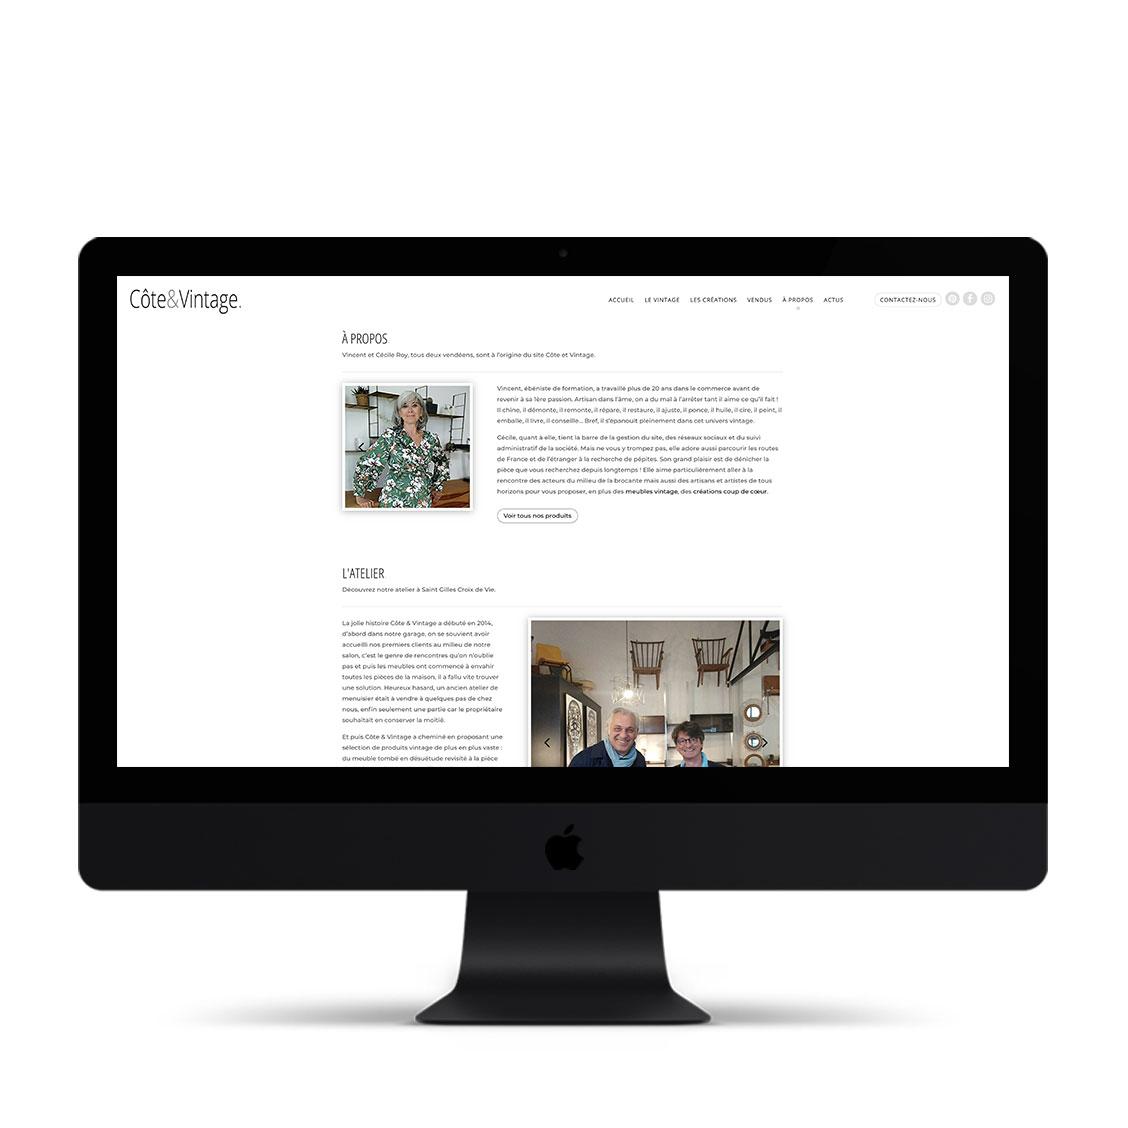 cote-et-vintage-site-web-graffocean-2